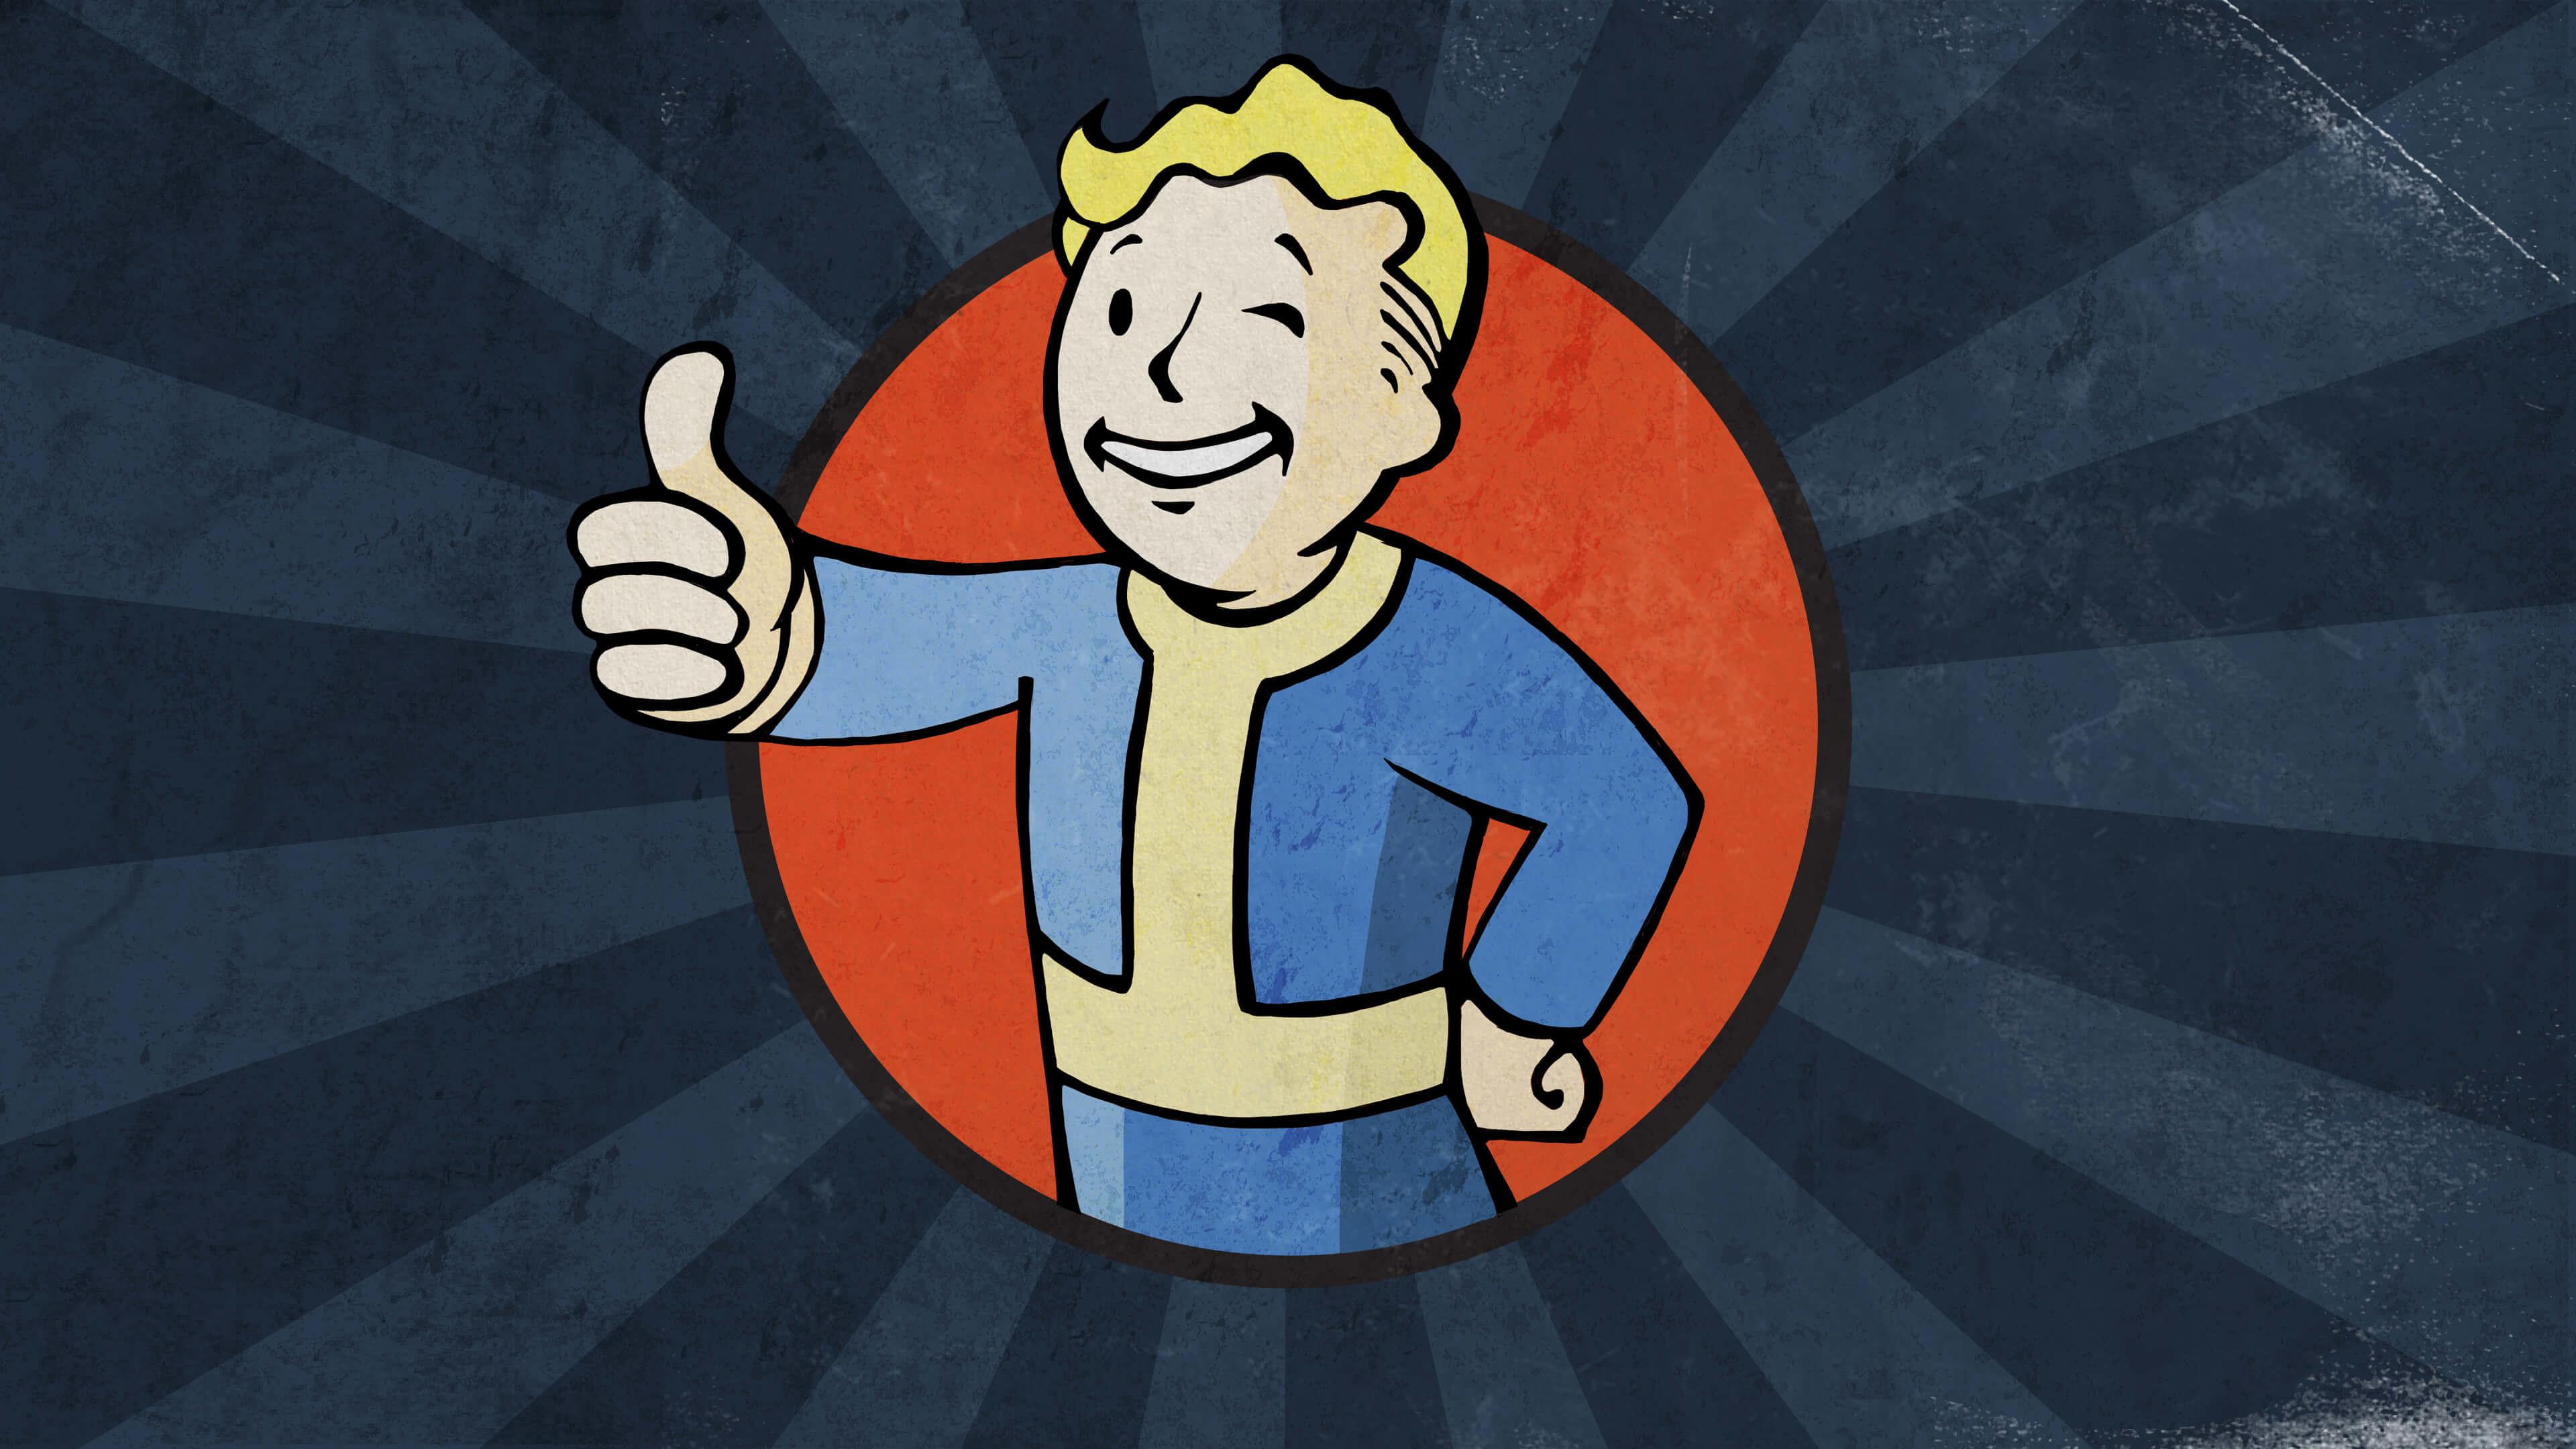 fallout vault boy blue uhd 4k wallpaper